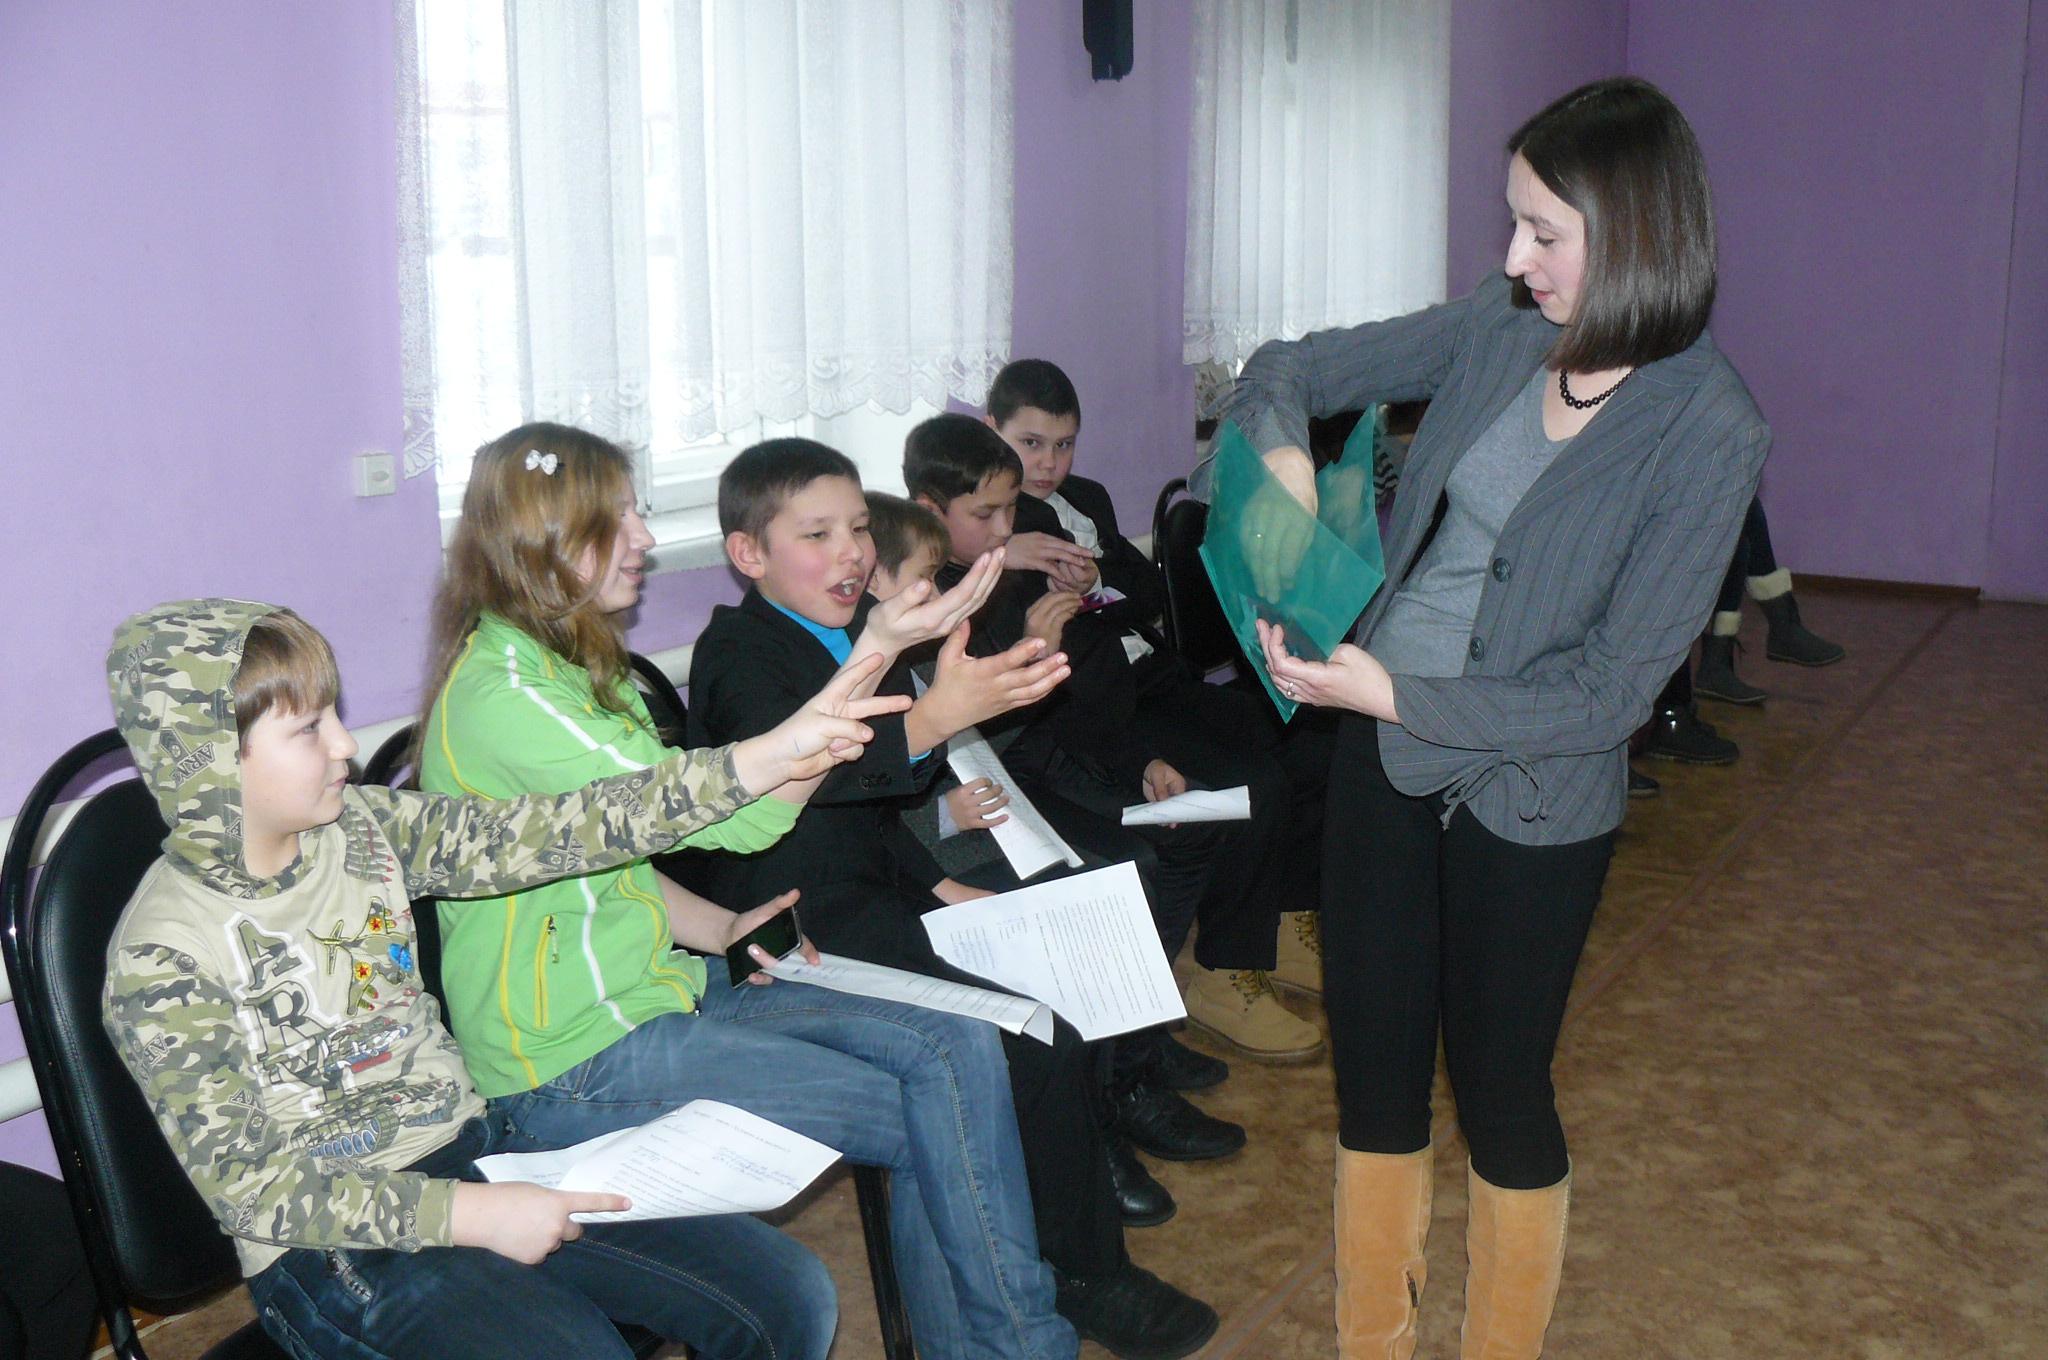 В Никольском Доме детского творчества прошло мероприятие для подростков группы риска